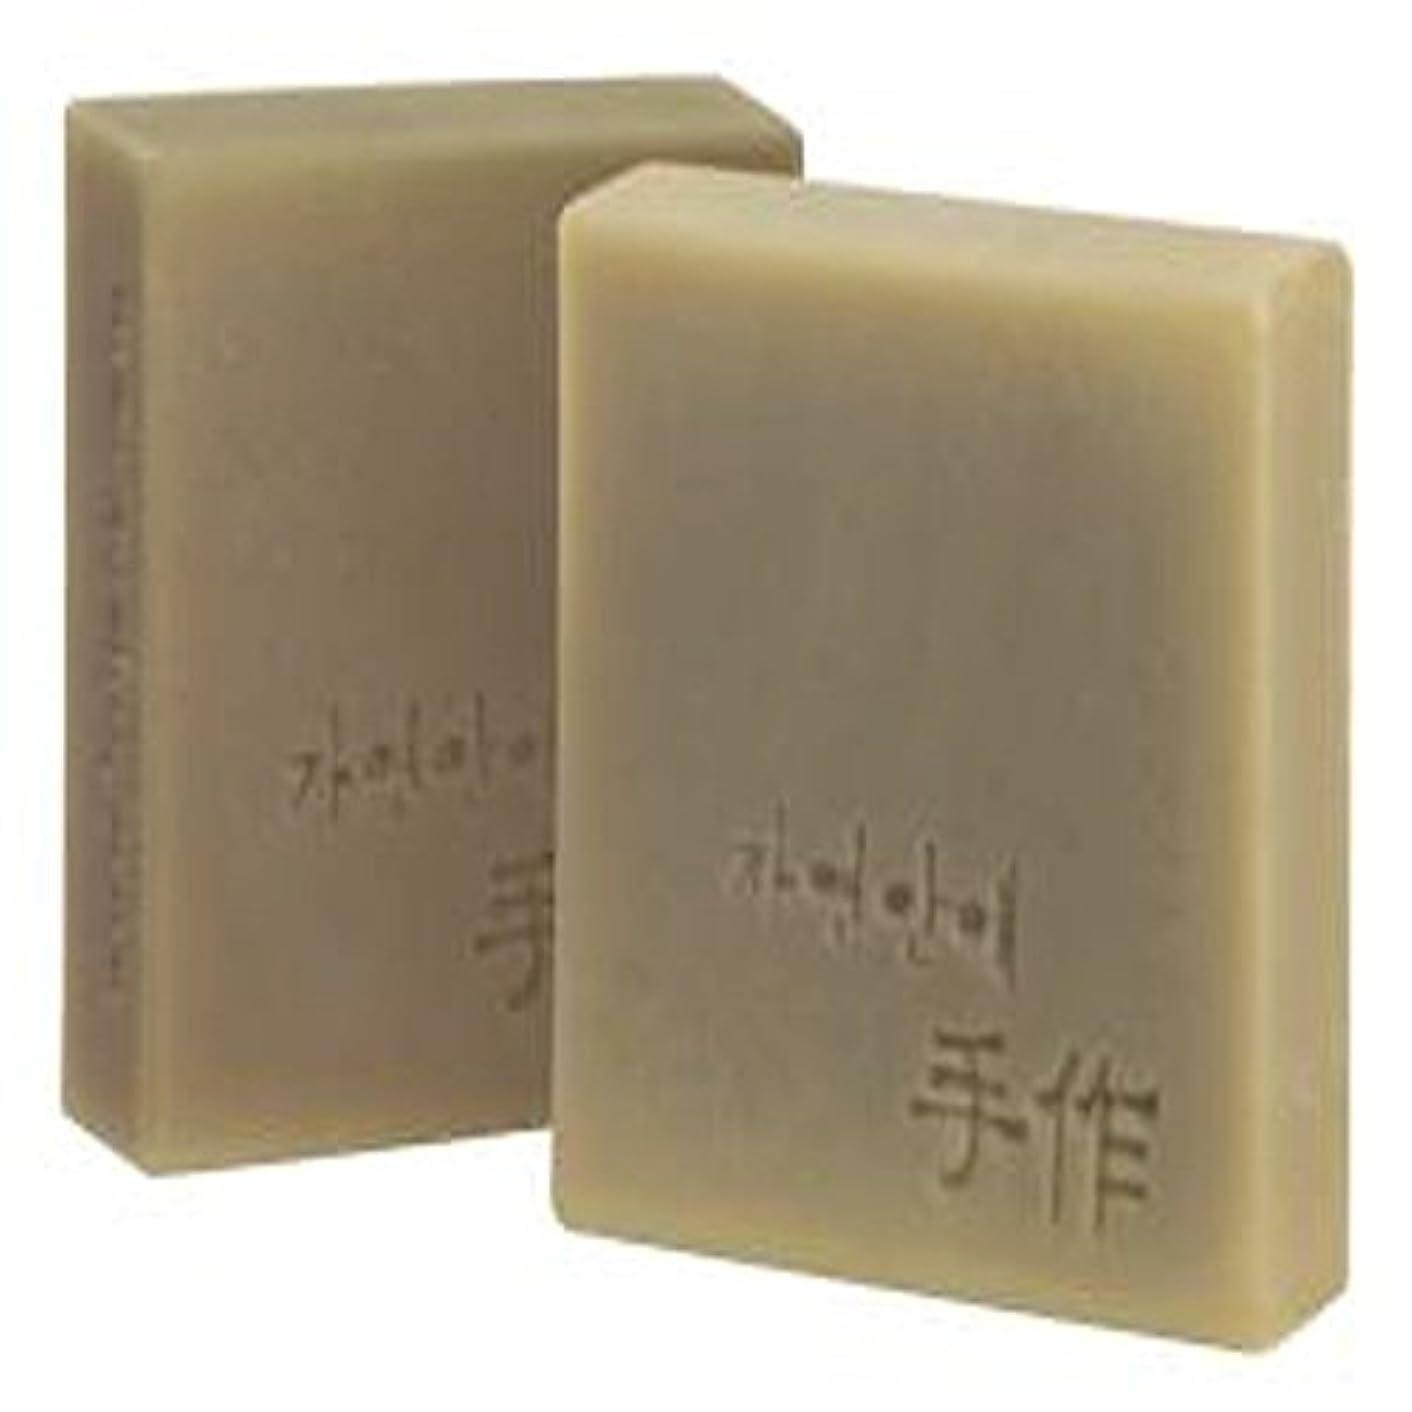 三角純粋に独特のNatural organic 有機天然ソープ 固形 無添加 洗顔せっけんクレンジング 石鹸 [並行輸入品] (清州)